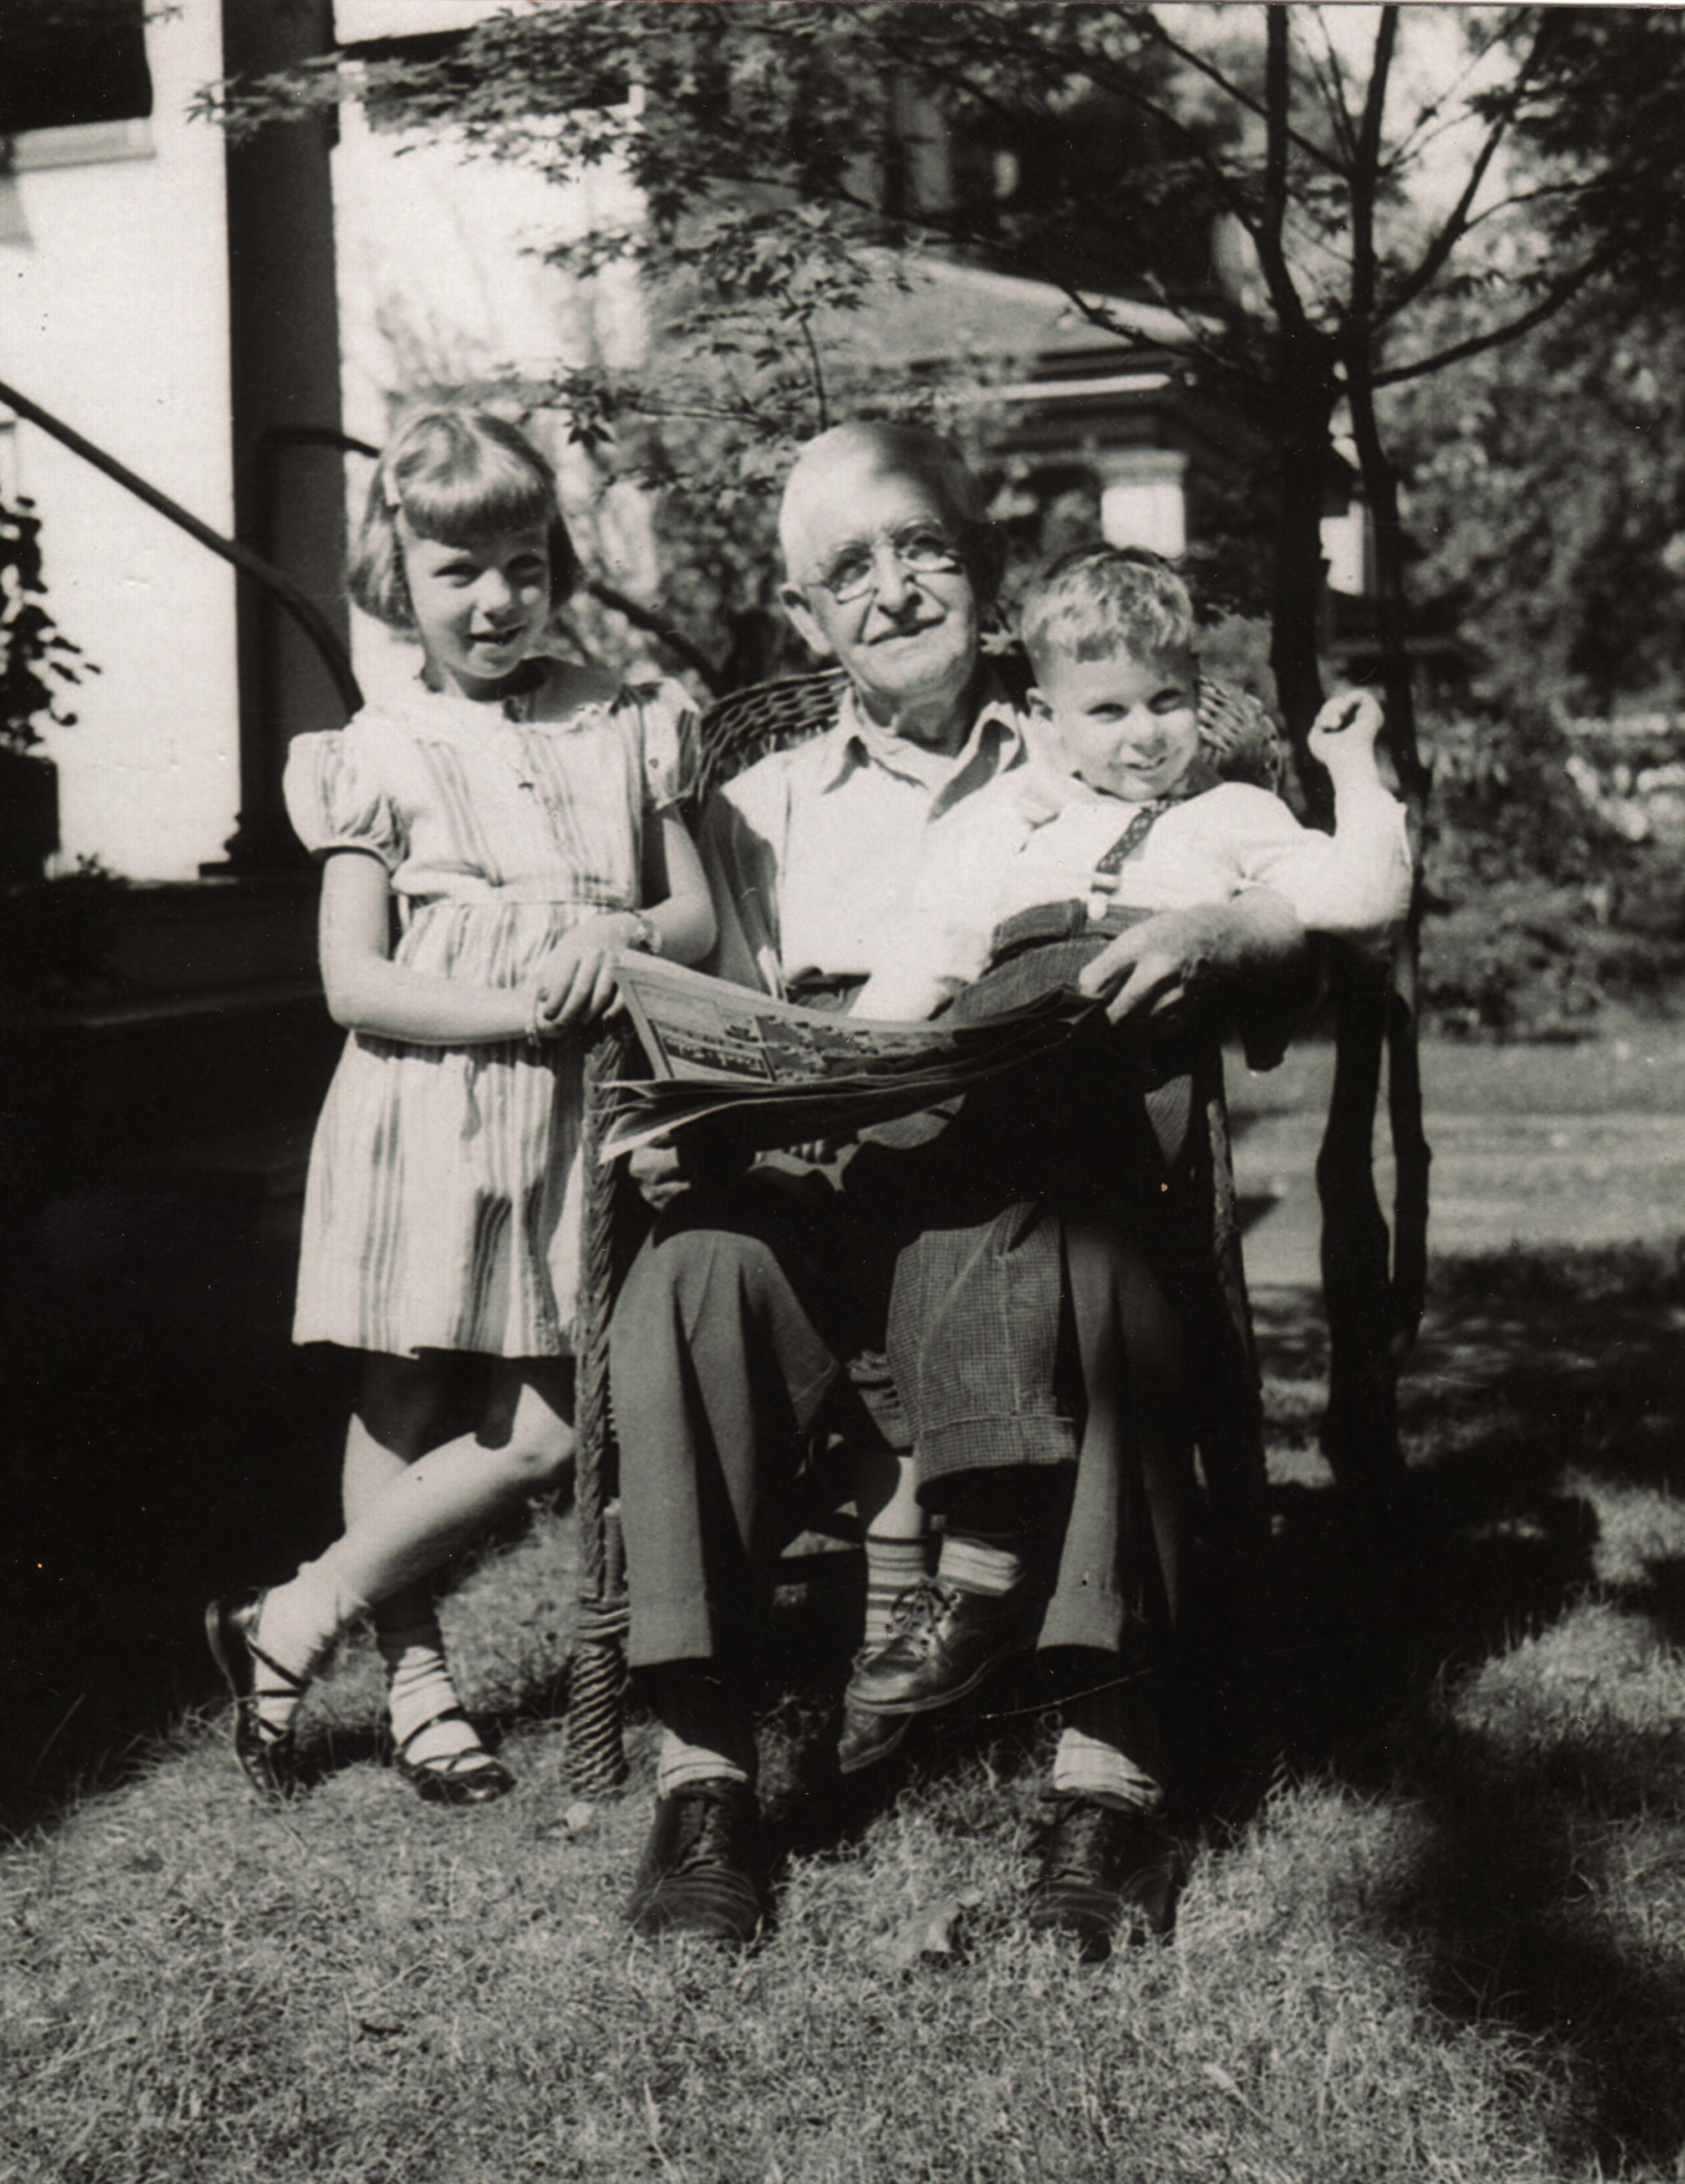 Otto stauffer with winnie and eddie photo